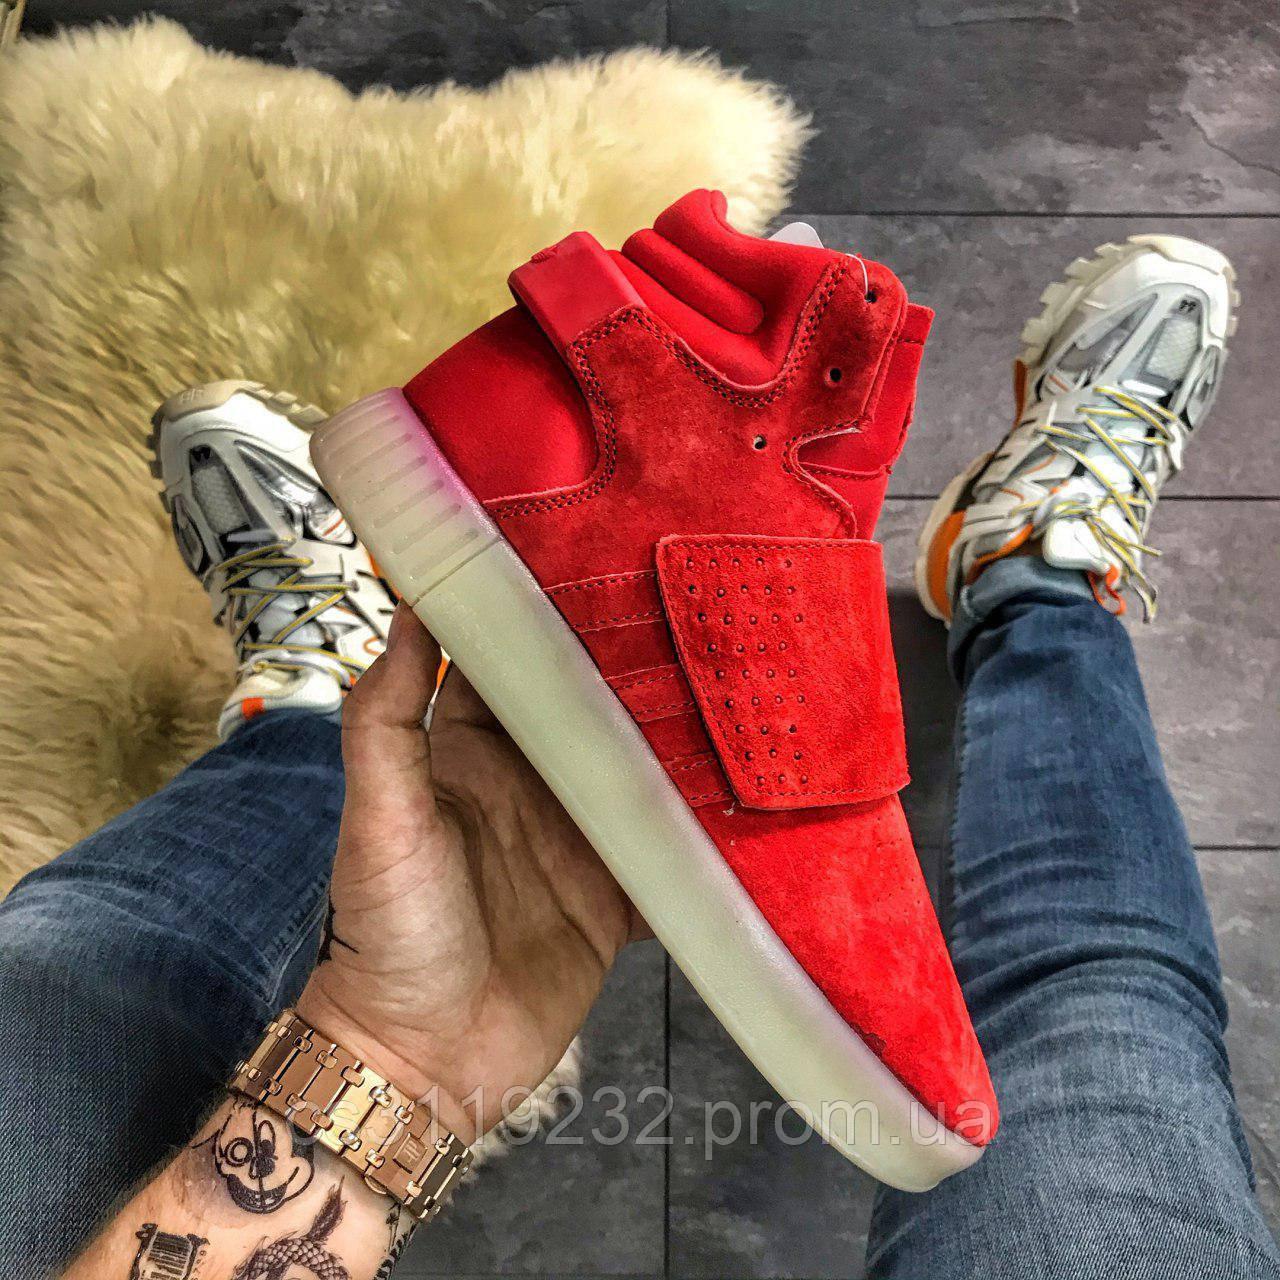 Мужские кроссовки Adidas Tubular (красные)